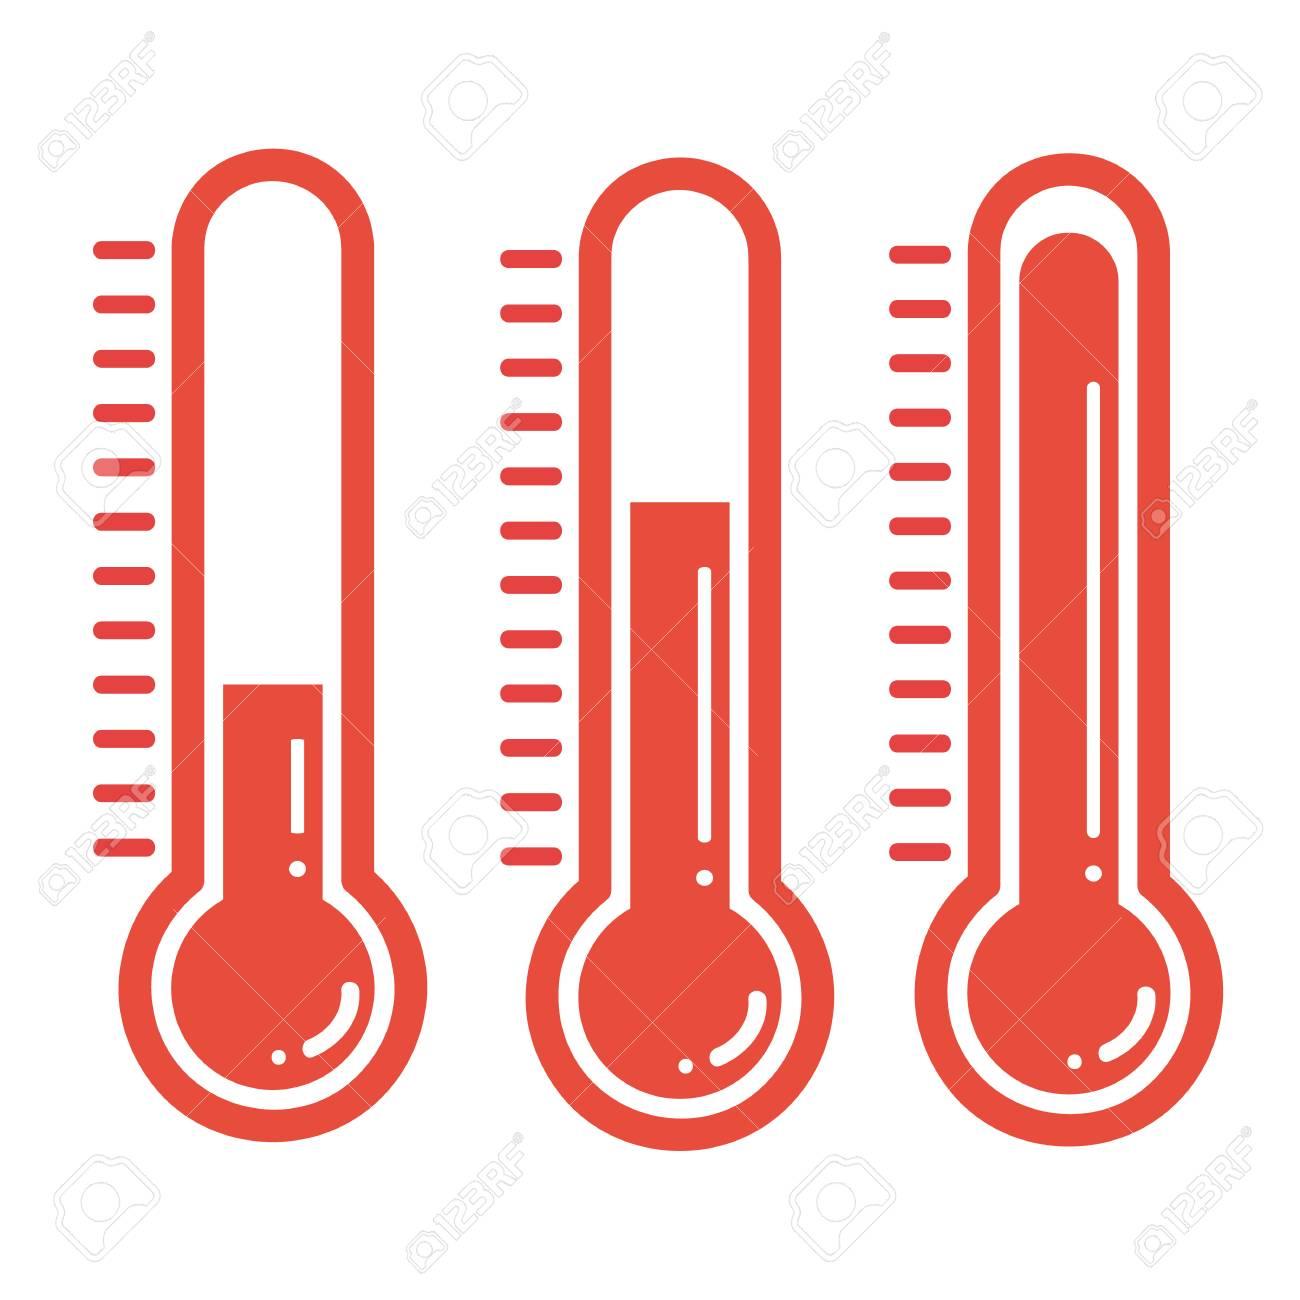 Los Termometros De Estilo Plano Y El Icono Del Termometro Icono Termometro Medico Ilustraciones Vectoriales Clip Art Vectorizado Libre De Derechos Image 65098039 Relacionados con el icono de automatización de termómetro. los termometros de estilo plano y el icono del termometro icono termometro medico